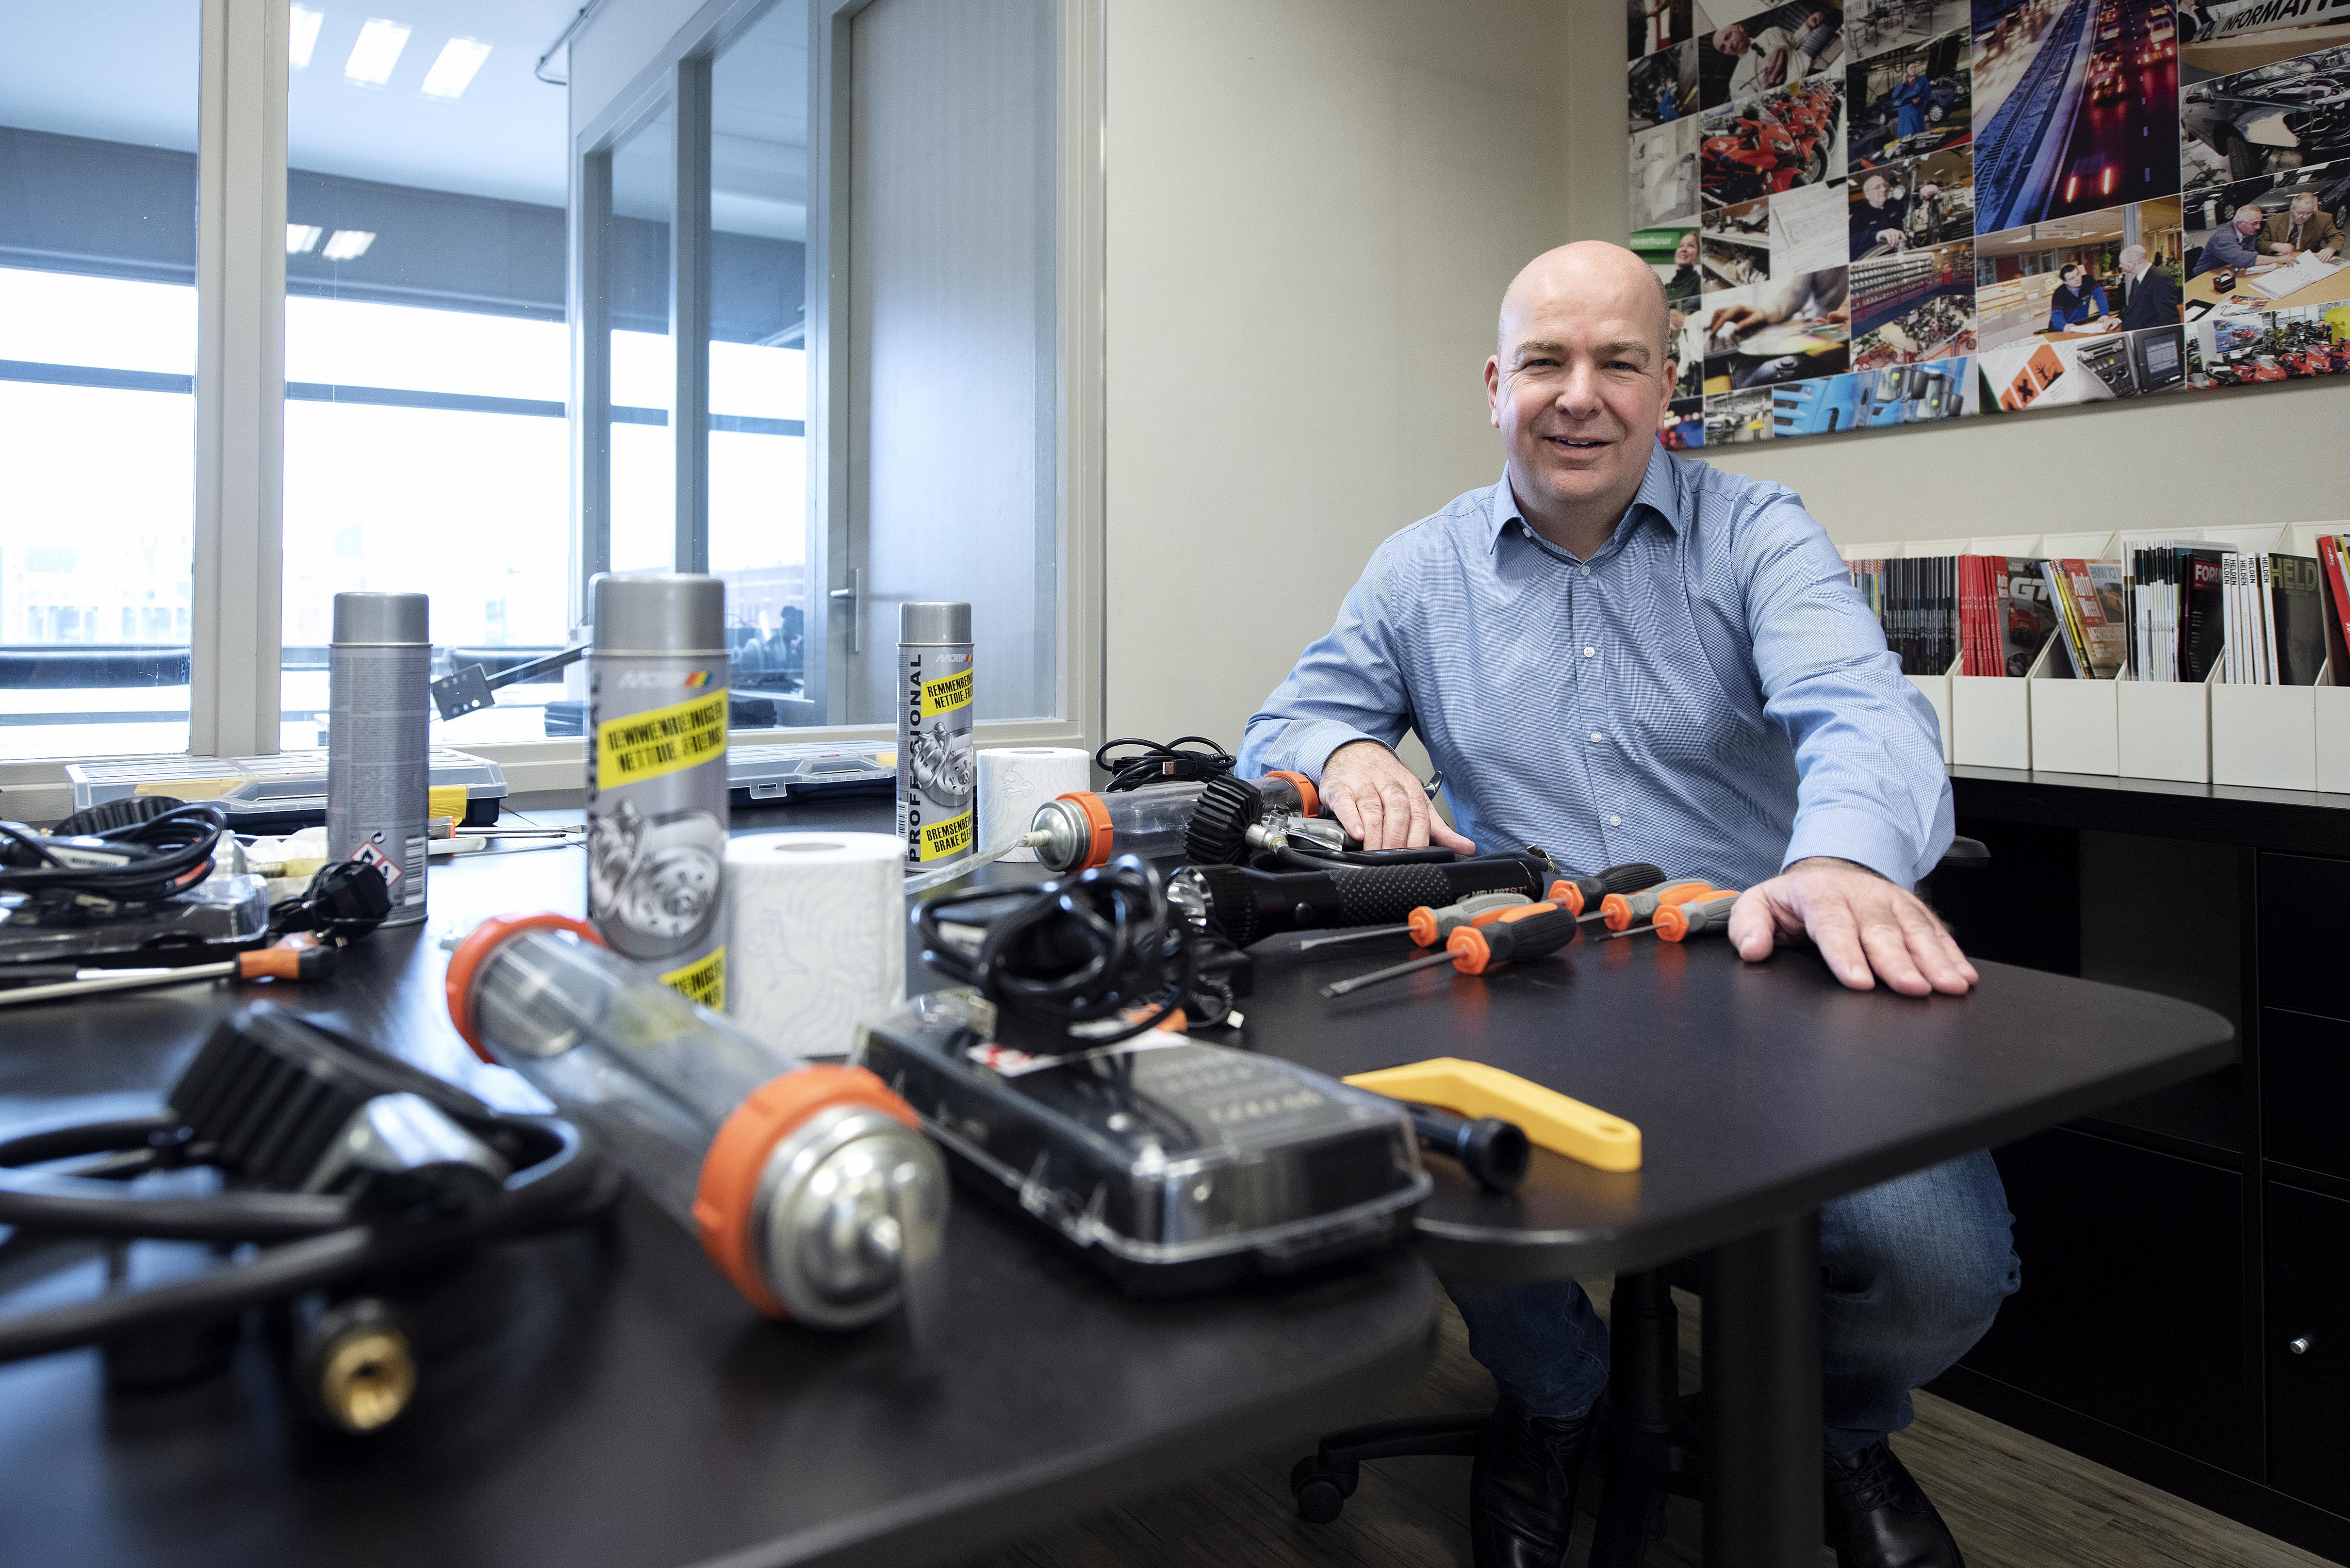 Bureau Via repareert auto's niet, maar maakt ze bewust stuk om garages te testen. 'Wij werken in opdracht van merken'